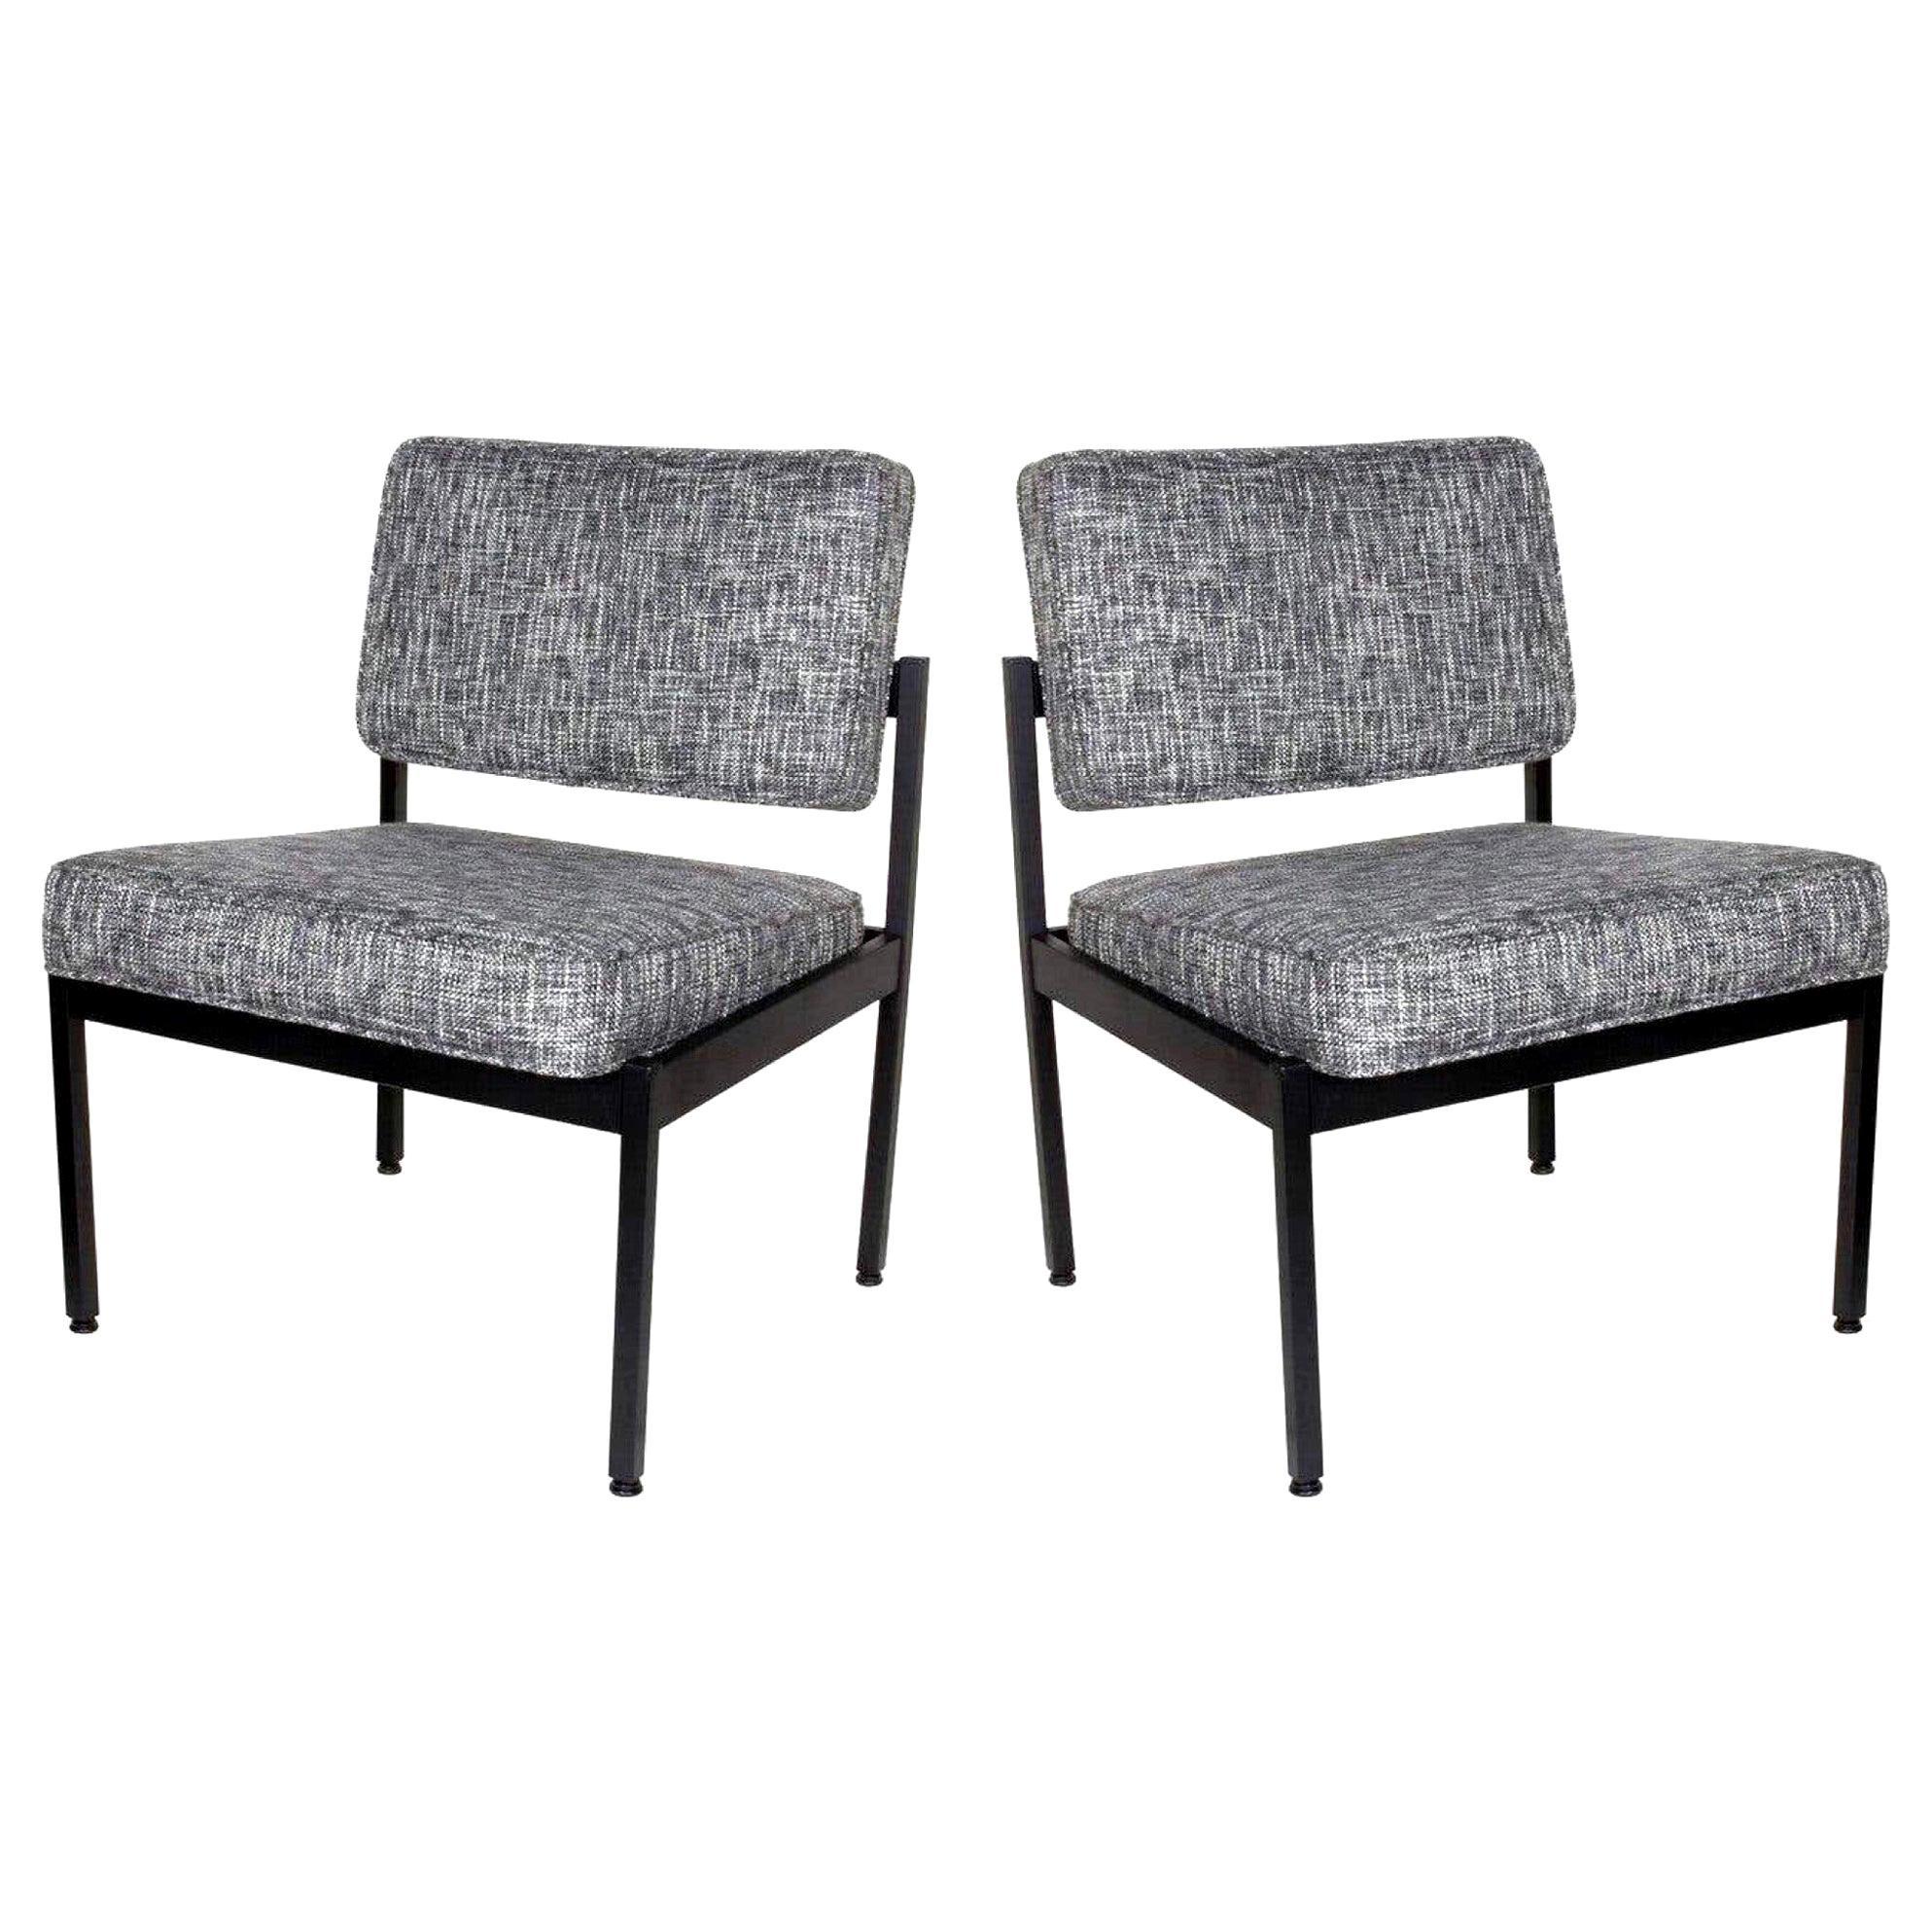 Pair of Vintage Knoll Style Industrial Chairs in Black Tweed, c. 1970's